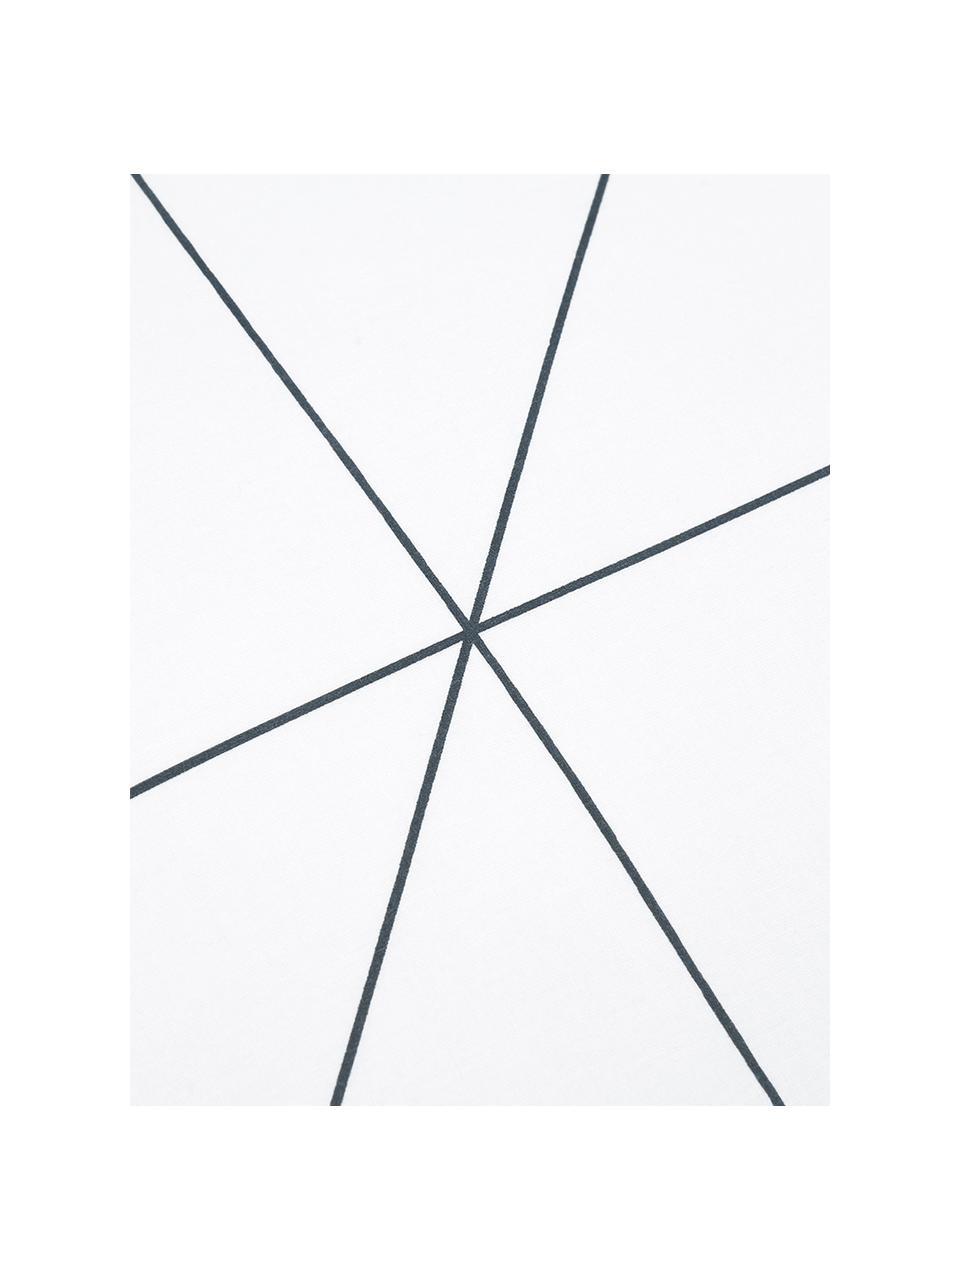 Dubbelzijdig renforcé dekbedovertrek Marla, Weeftechniek: renforcé, Donkerblauw, wit, 140 x 200 cm + 2 kussen 60 x 70 cm